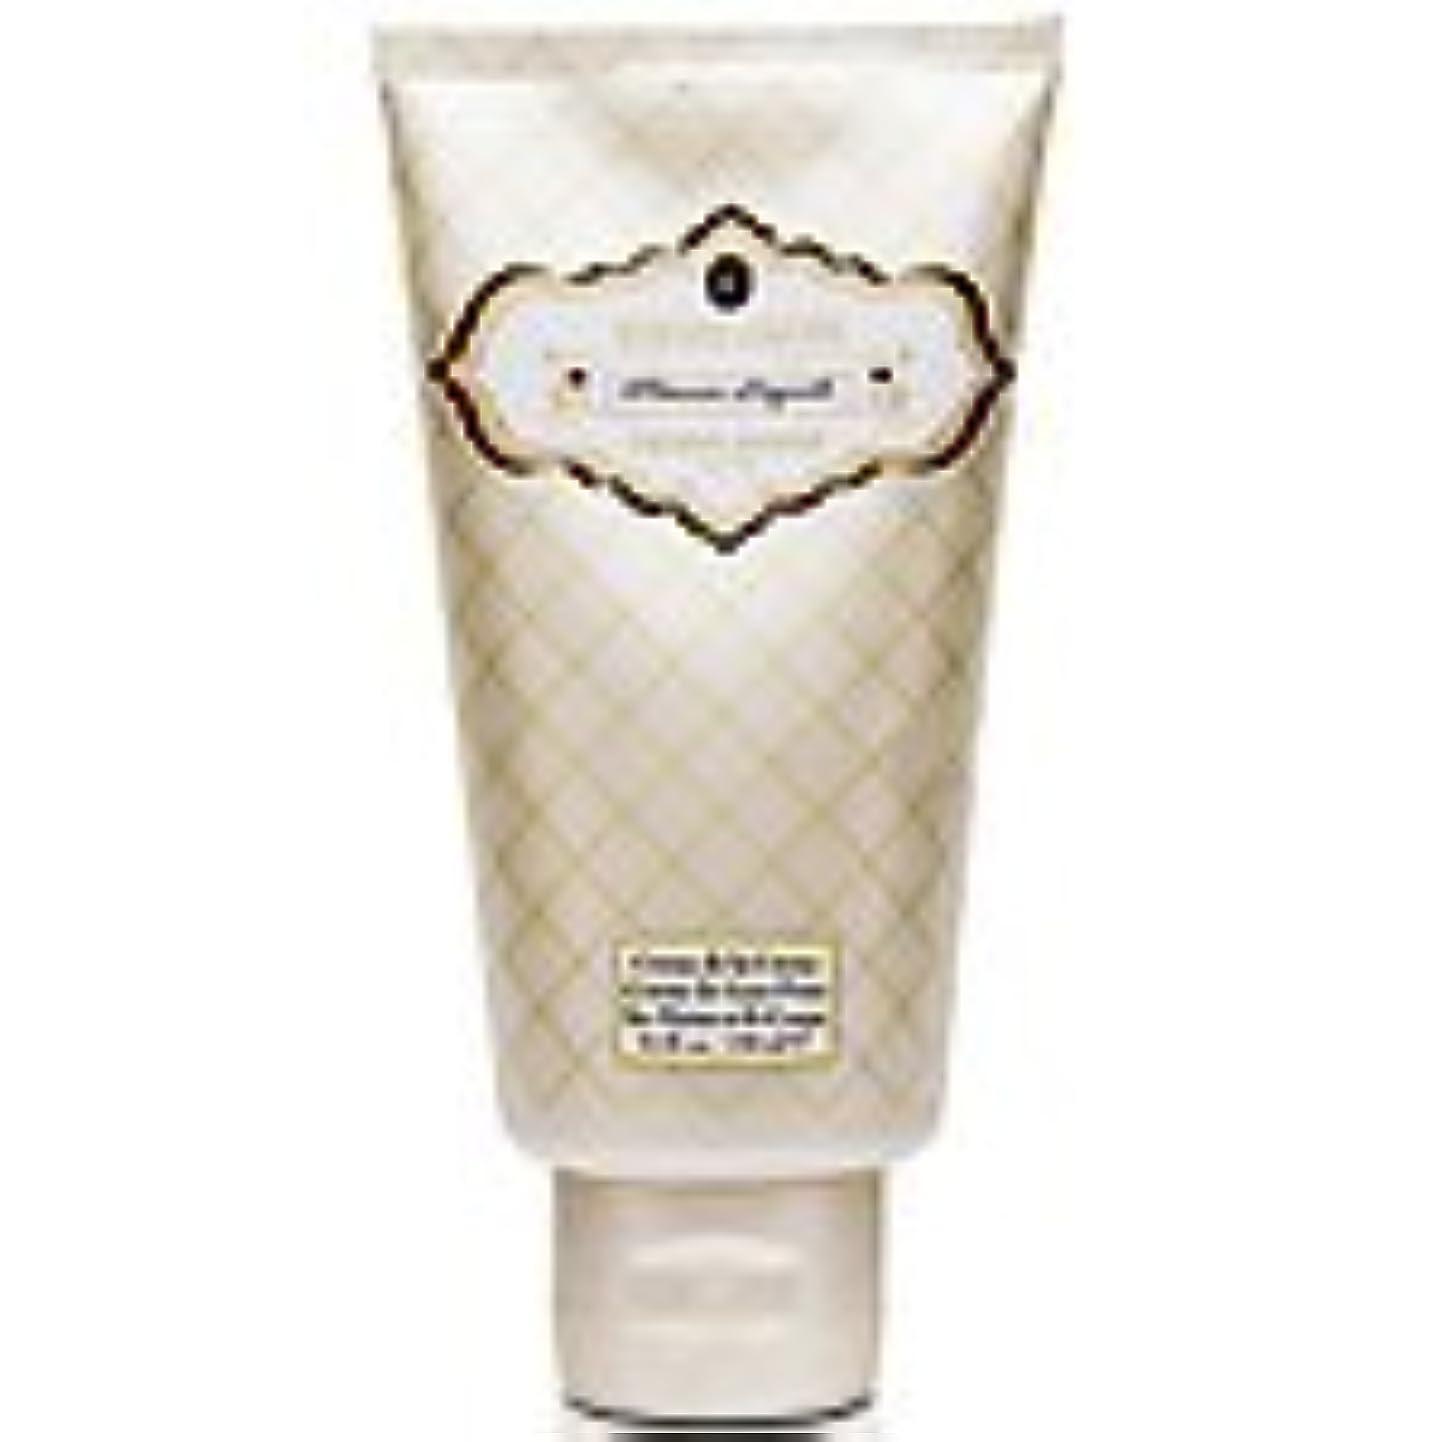 バランスガス細心のMemoire Liquide Reserve - Encens Liquide (メモワールリキッドリザーブ - エンセンスリキッド) 5.1 oz (153ml) Body Cream for Unisex